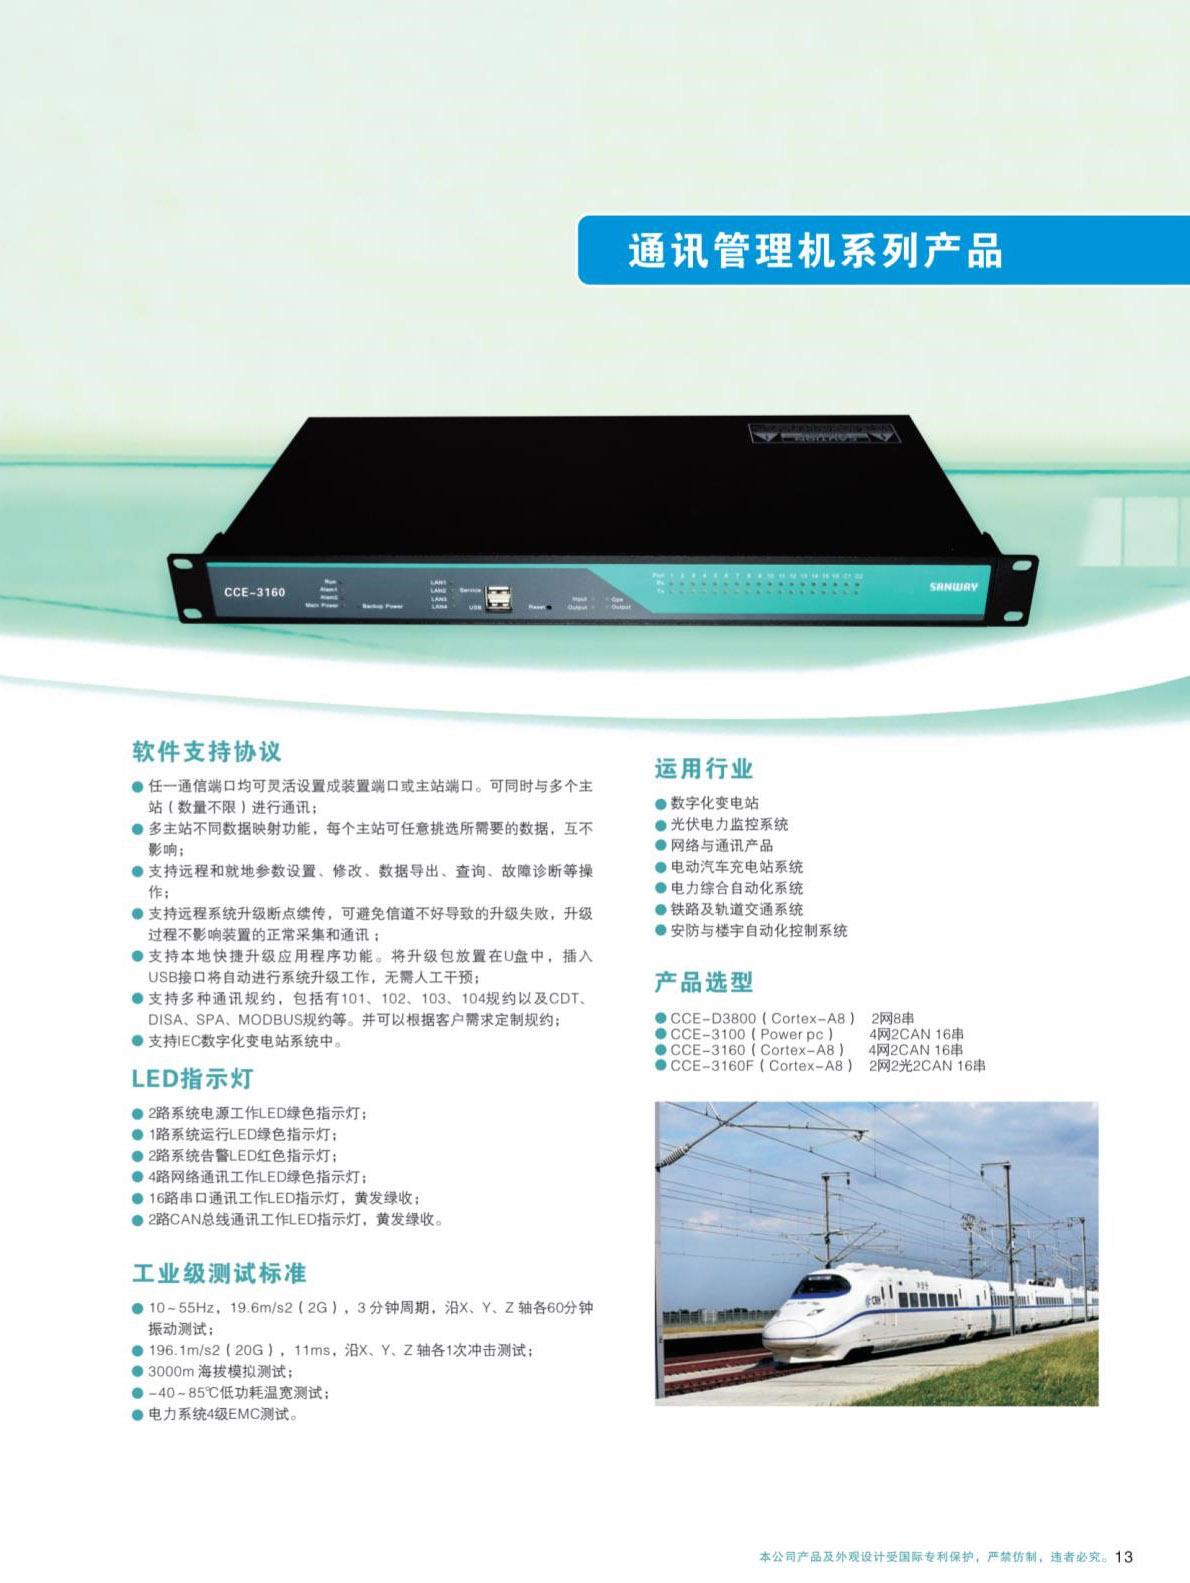 通讯管理机系列产品